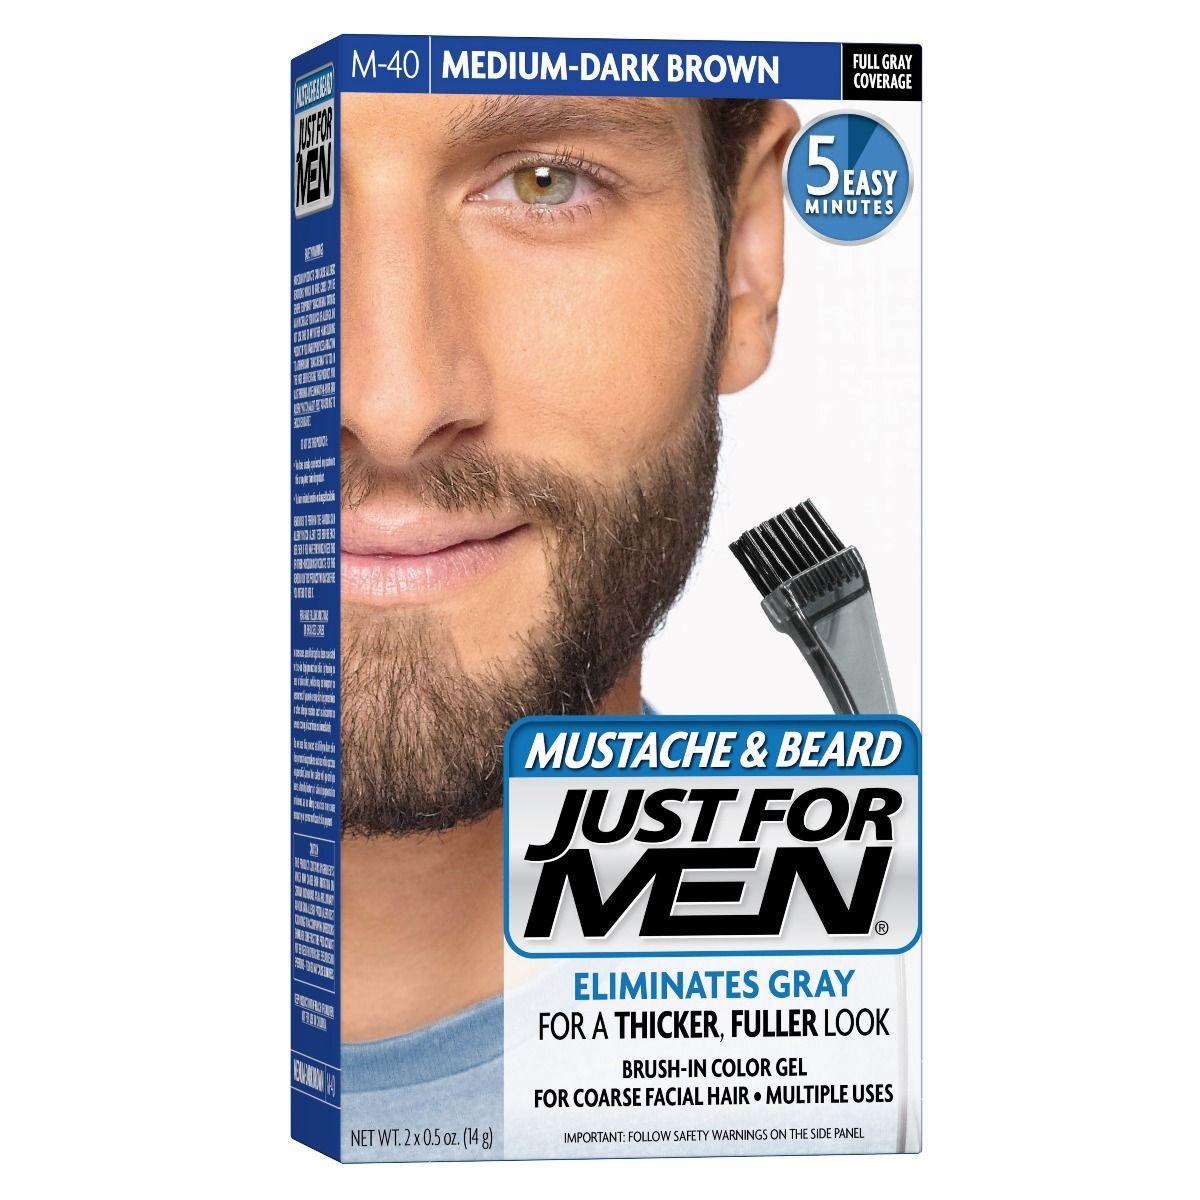 Just For Men Mustache Beard Brush In Colour Gel Medium Dark